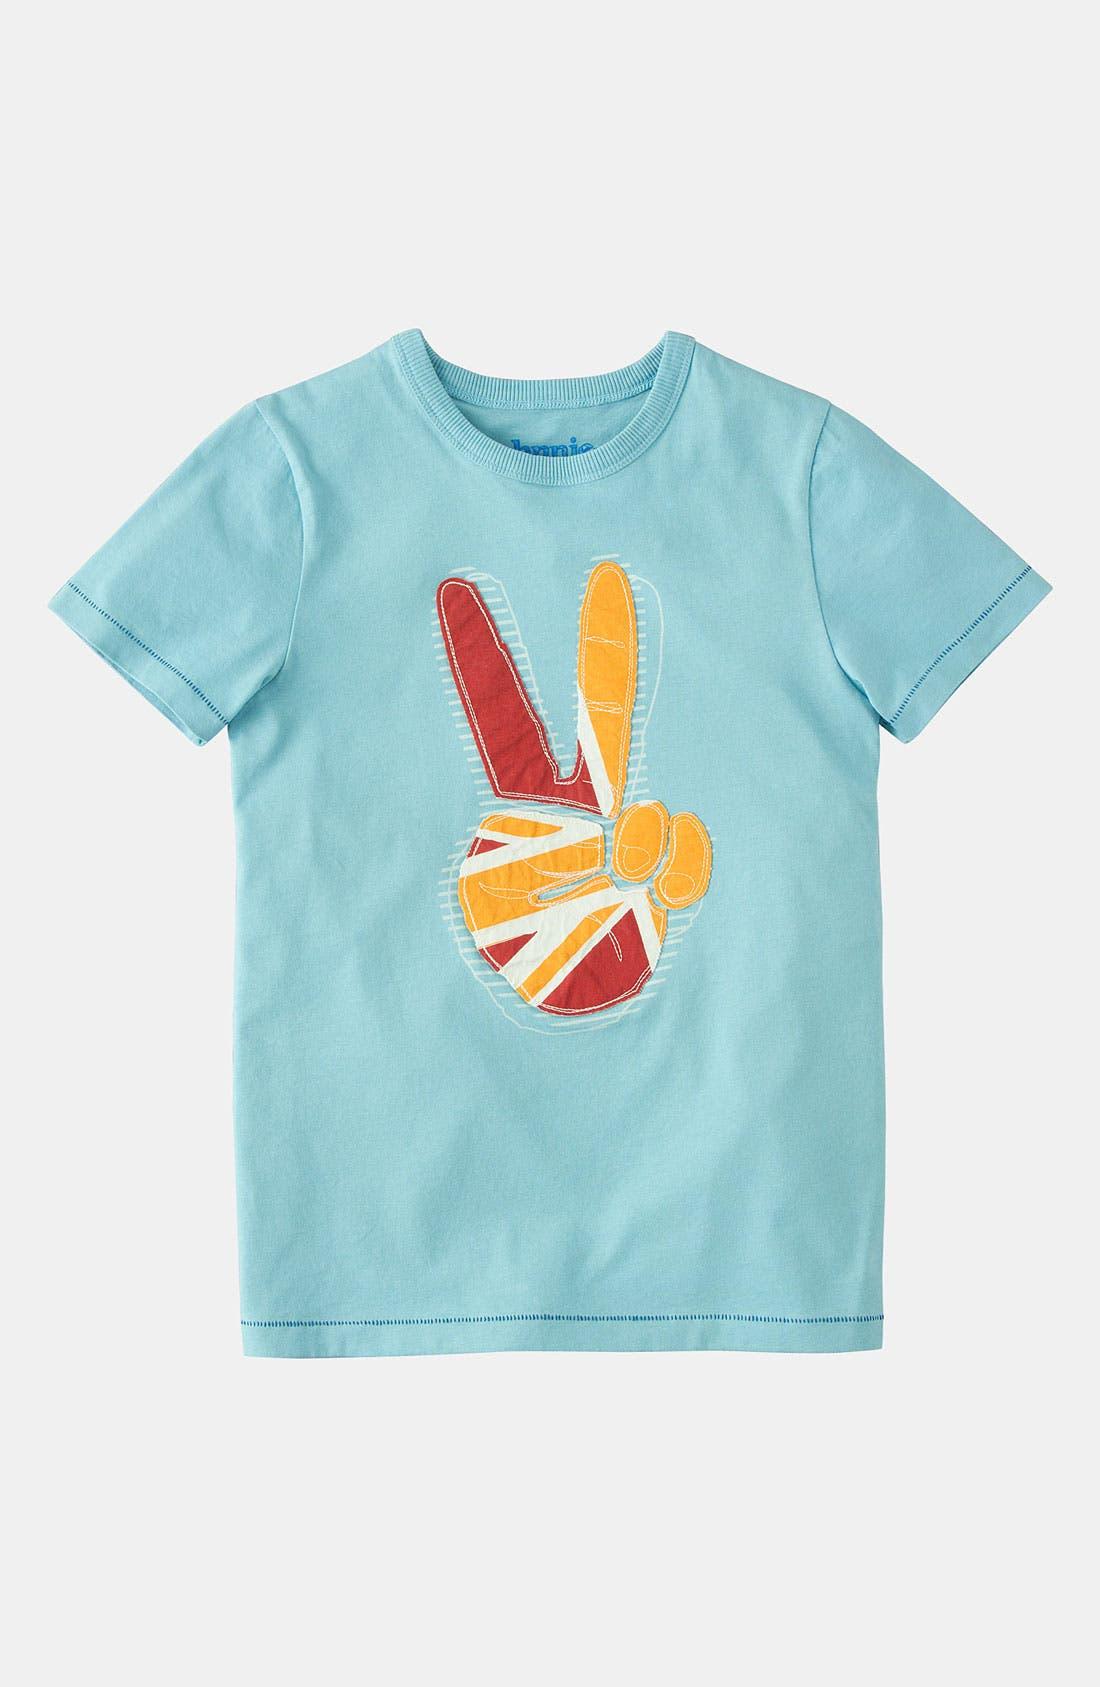 Main Image - Johnnie b Graphic T-Shirt (Big Boys)